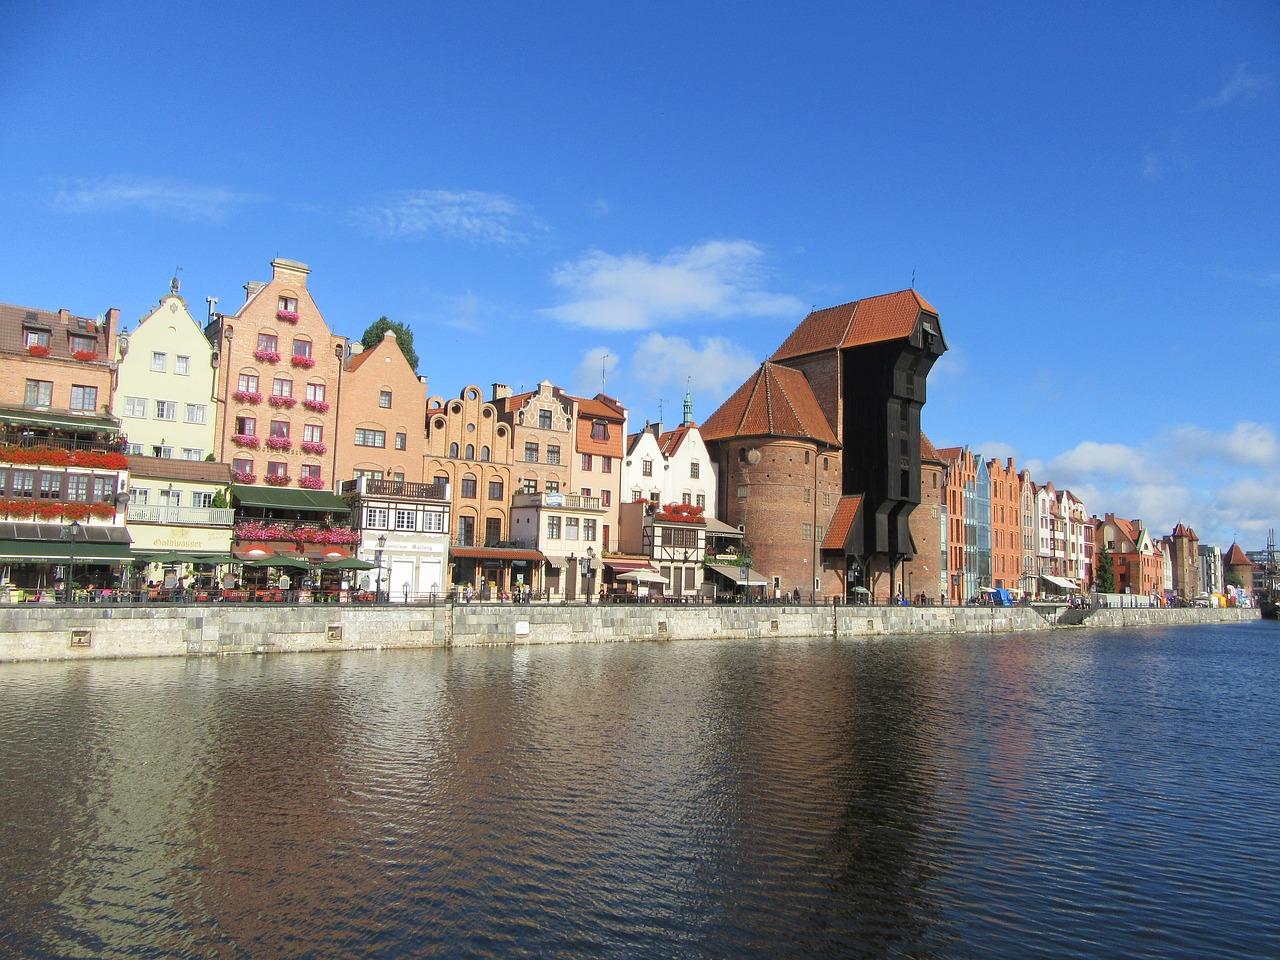 2. Gdańsk